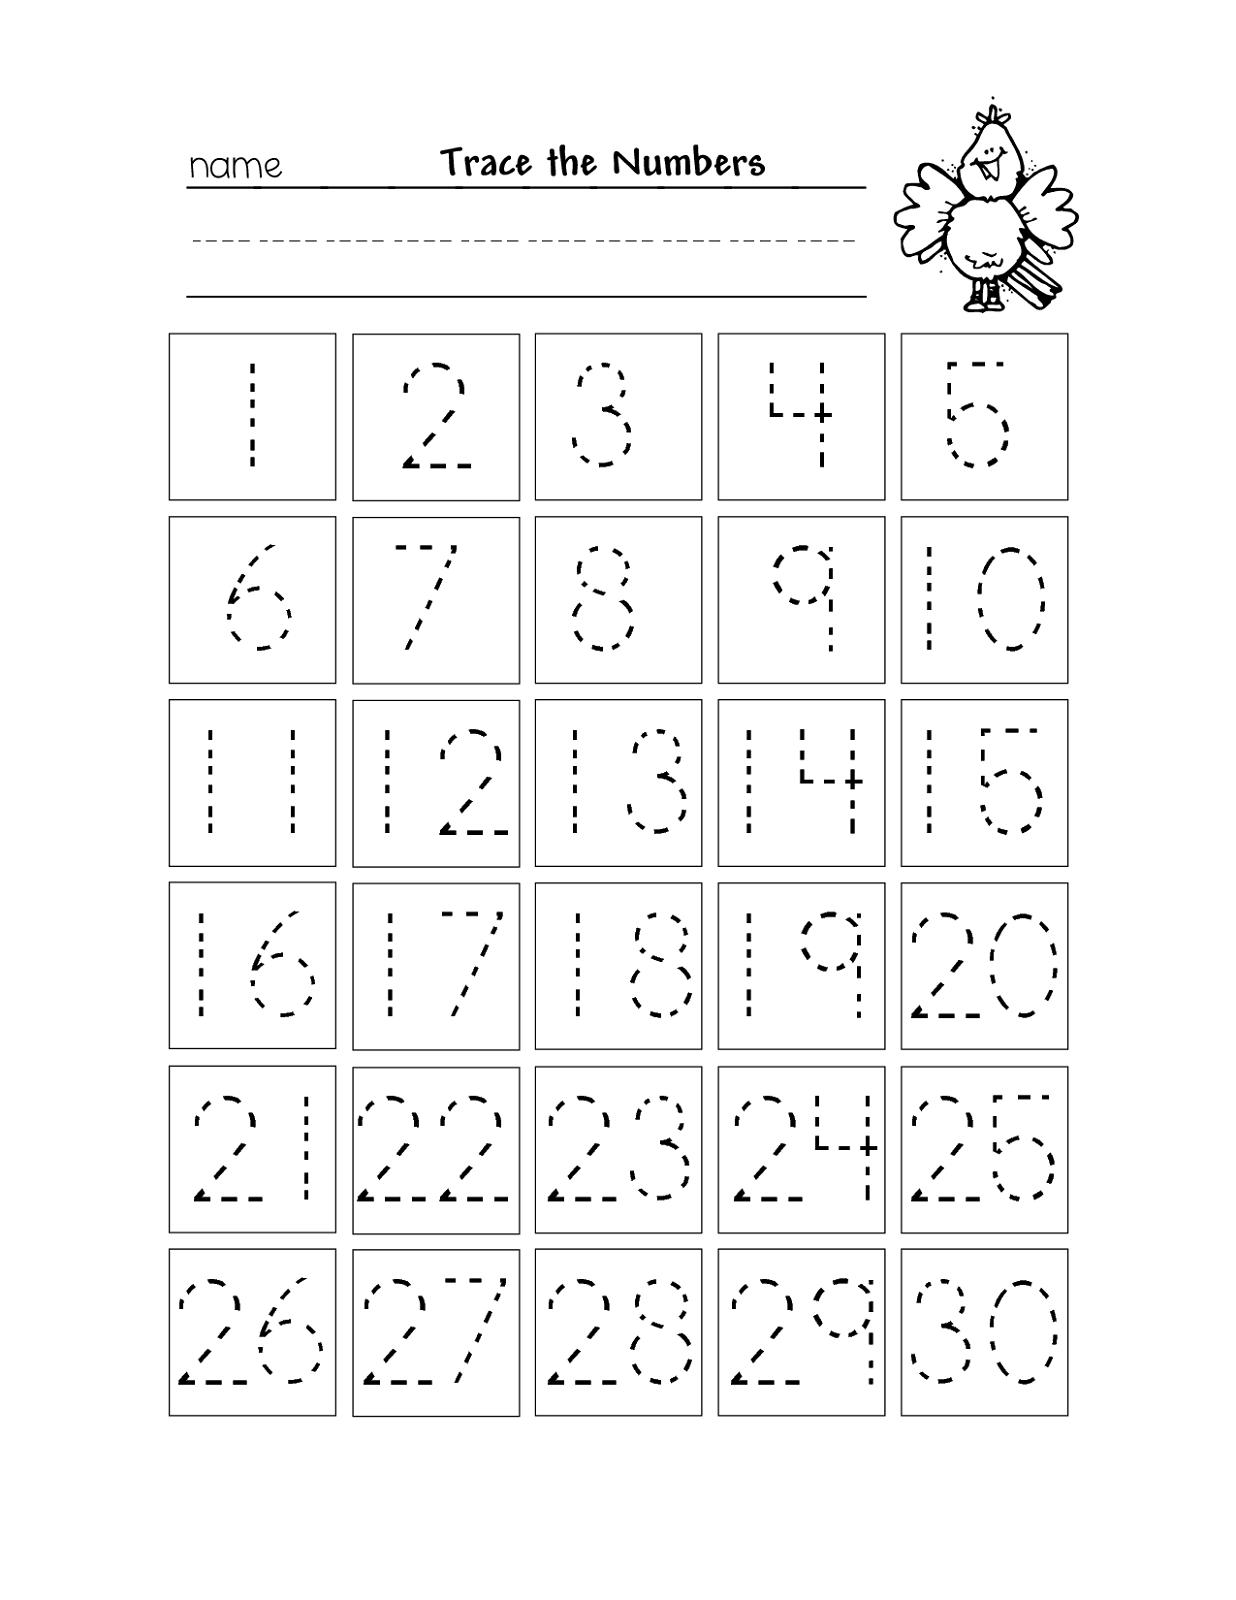 Free Printable Number Chart 1-30   Kinder   Number Tracing - Free Printable Tracing Numbers 1 20 Worksheets